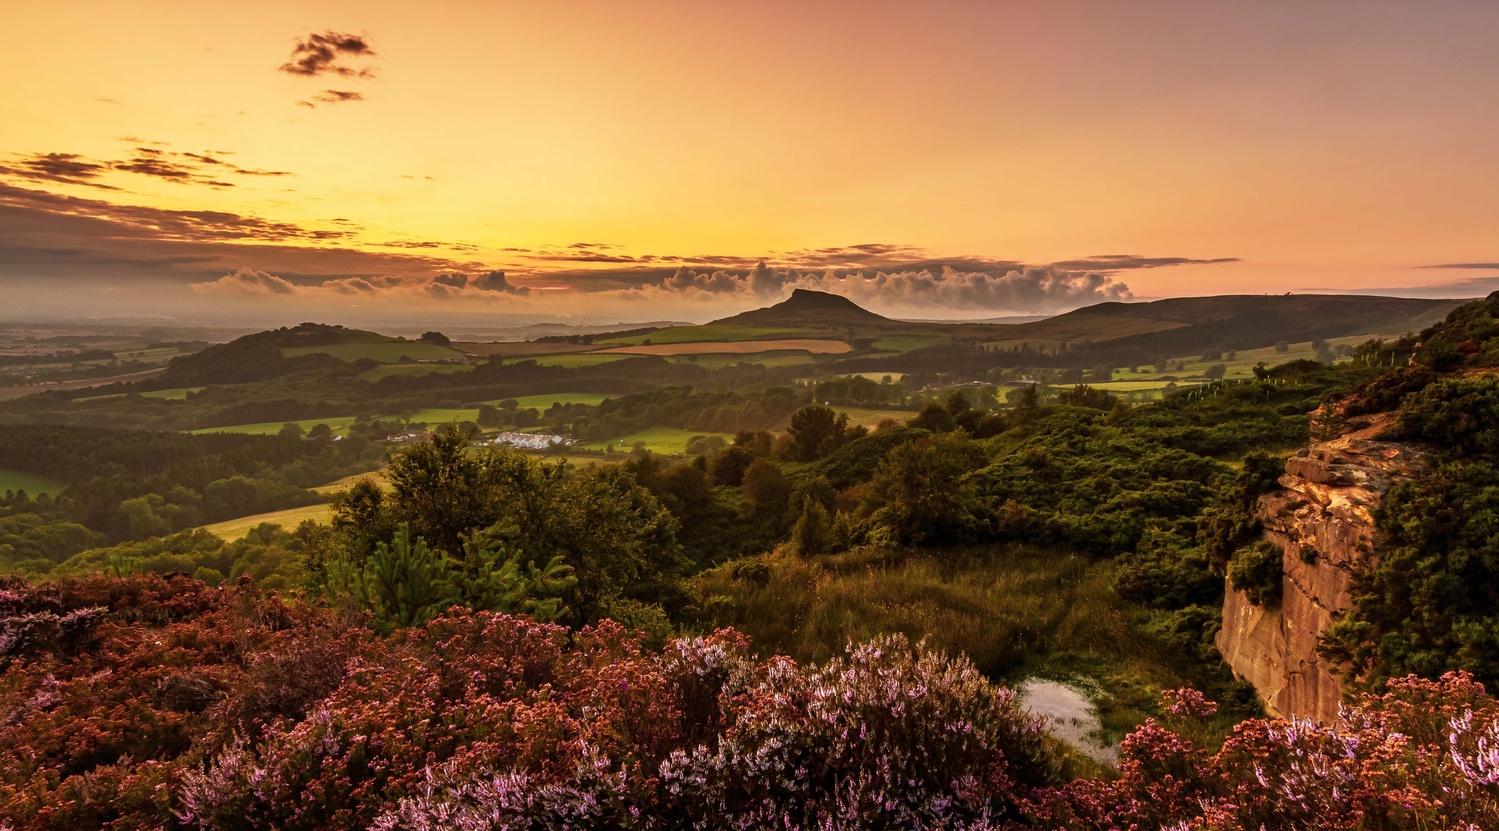 Sunset by Steve Franks